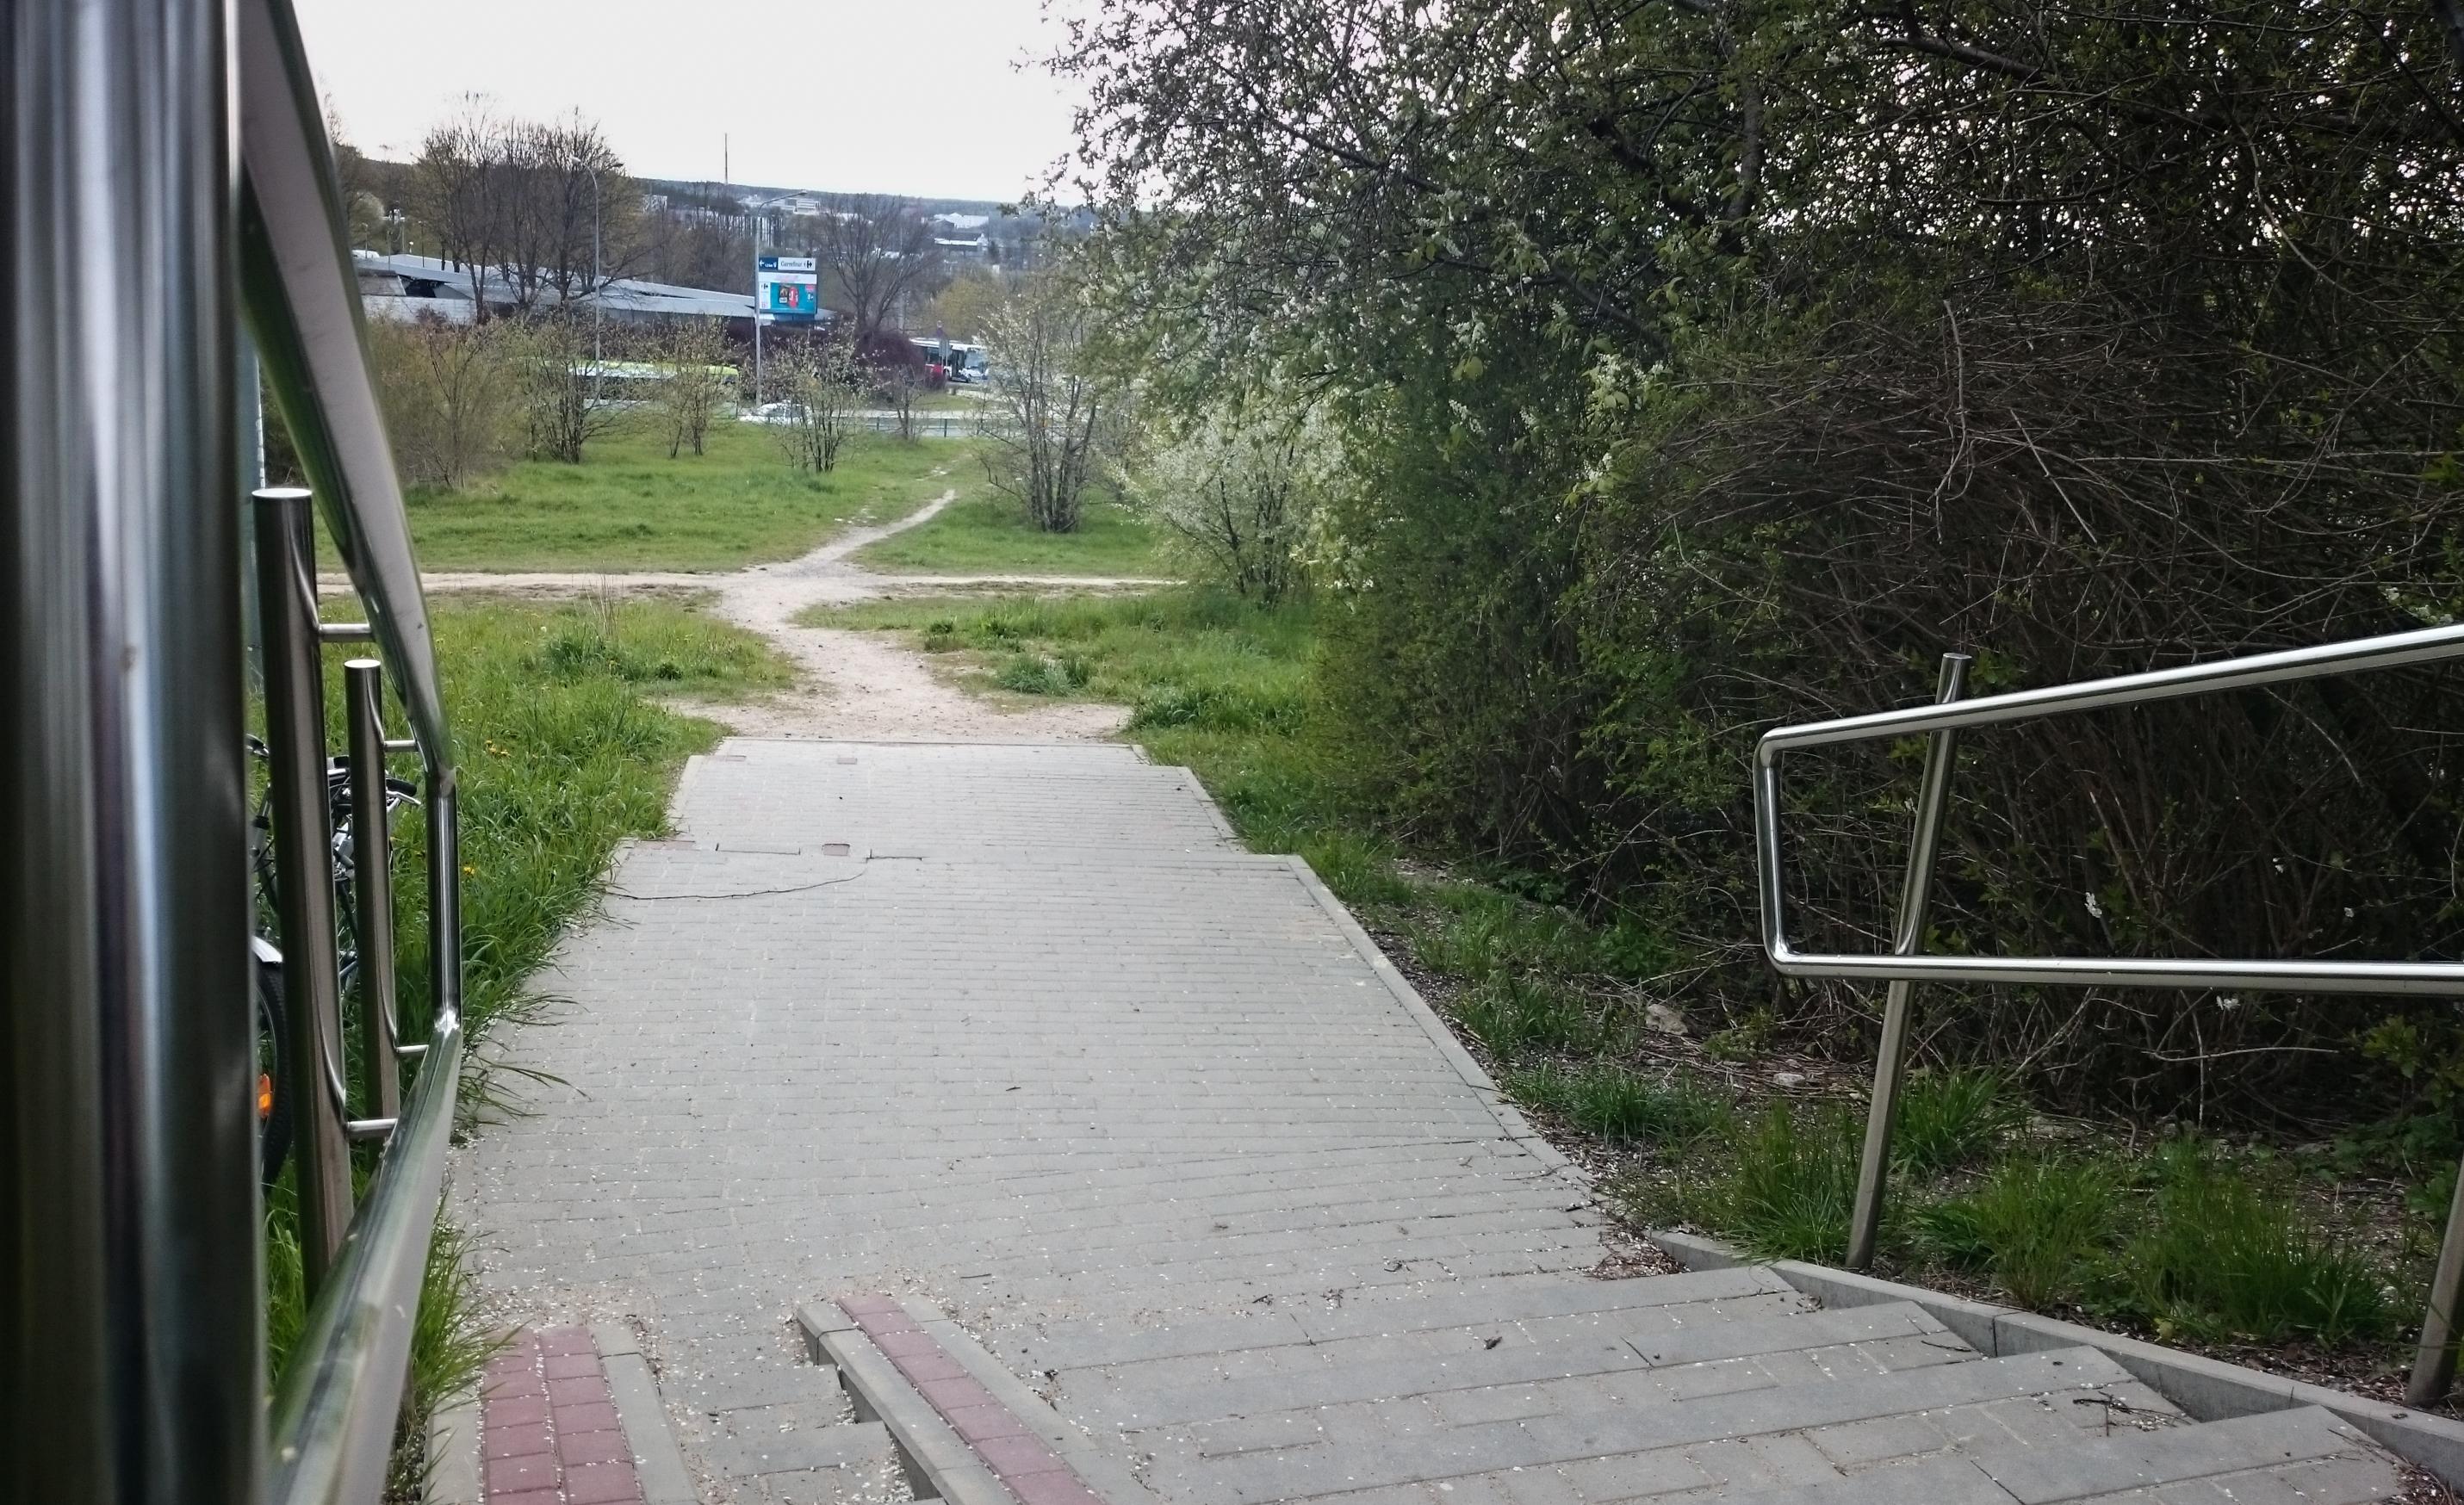 Mieszkańcy osiedla Mazurskiego proszą władze miasta o 100 metrów chodnika.